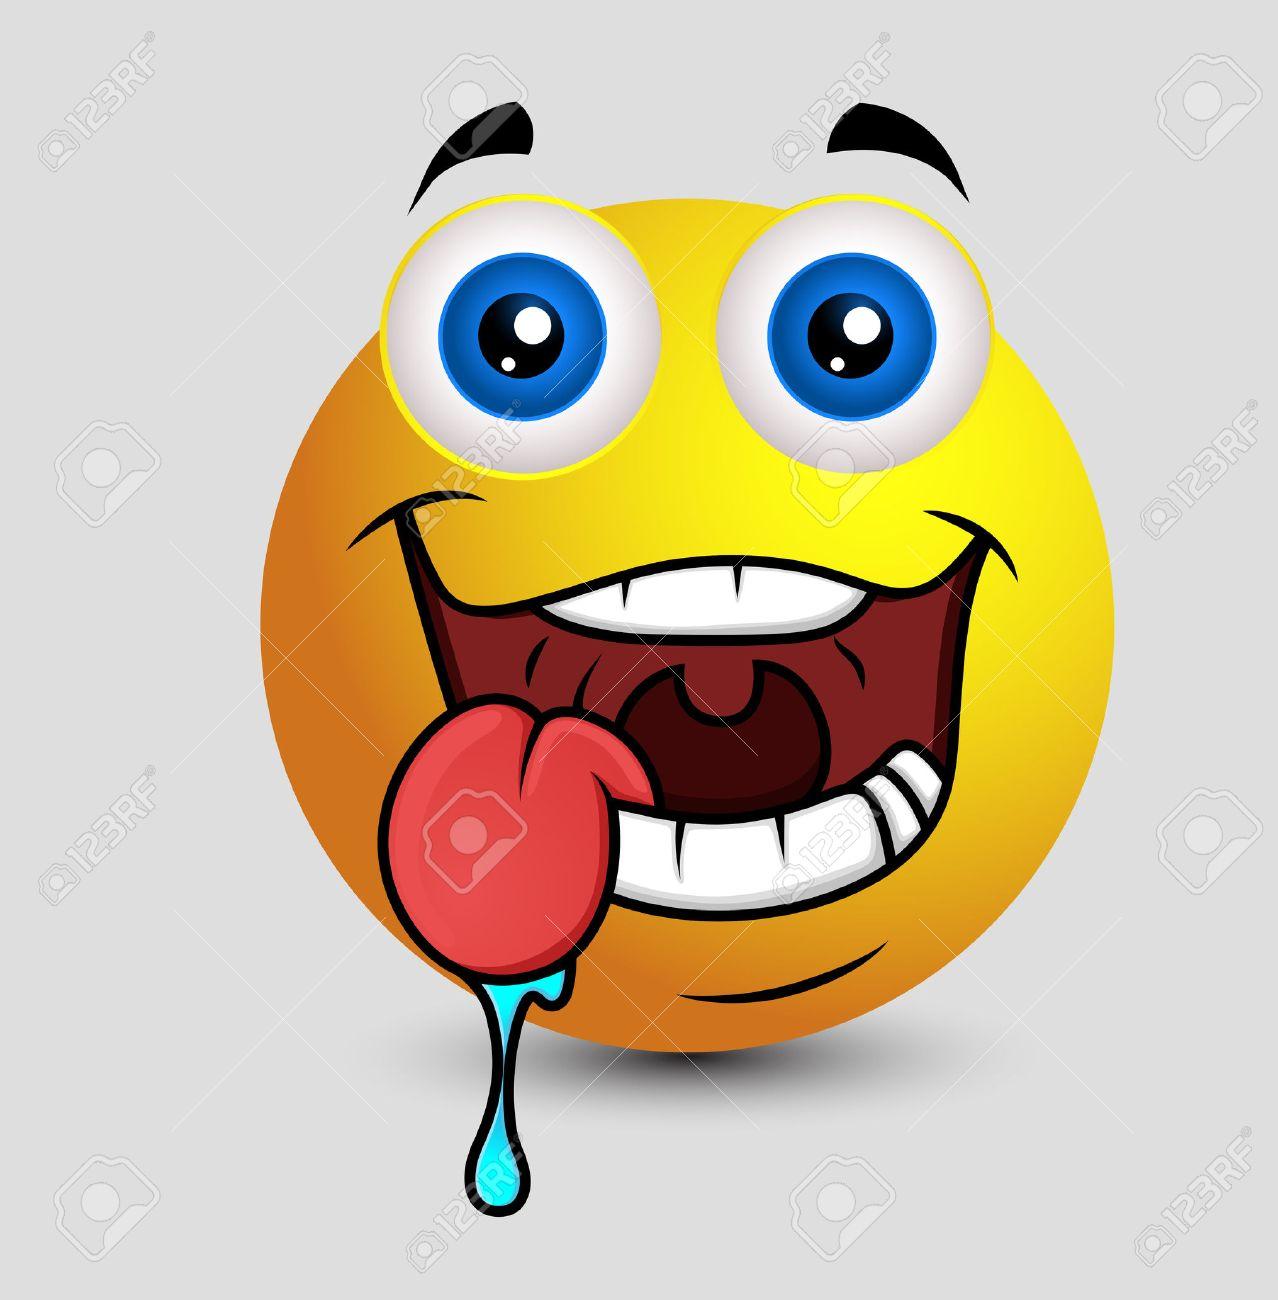 52150707-drooling-emoji-smiley-emoticon.